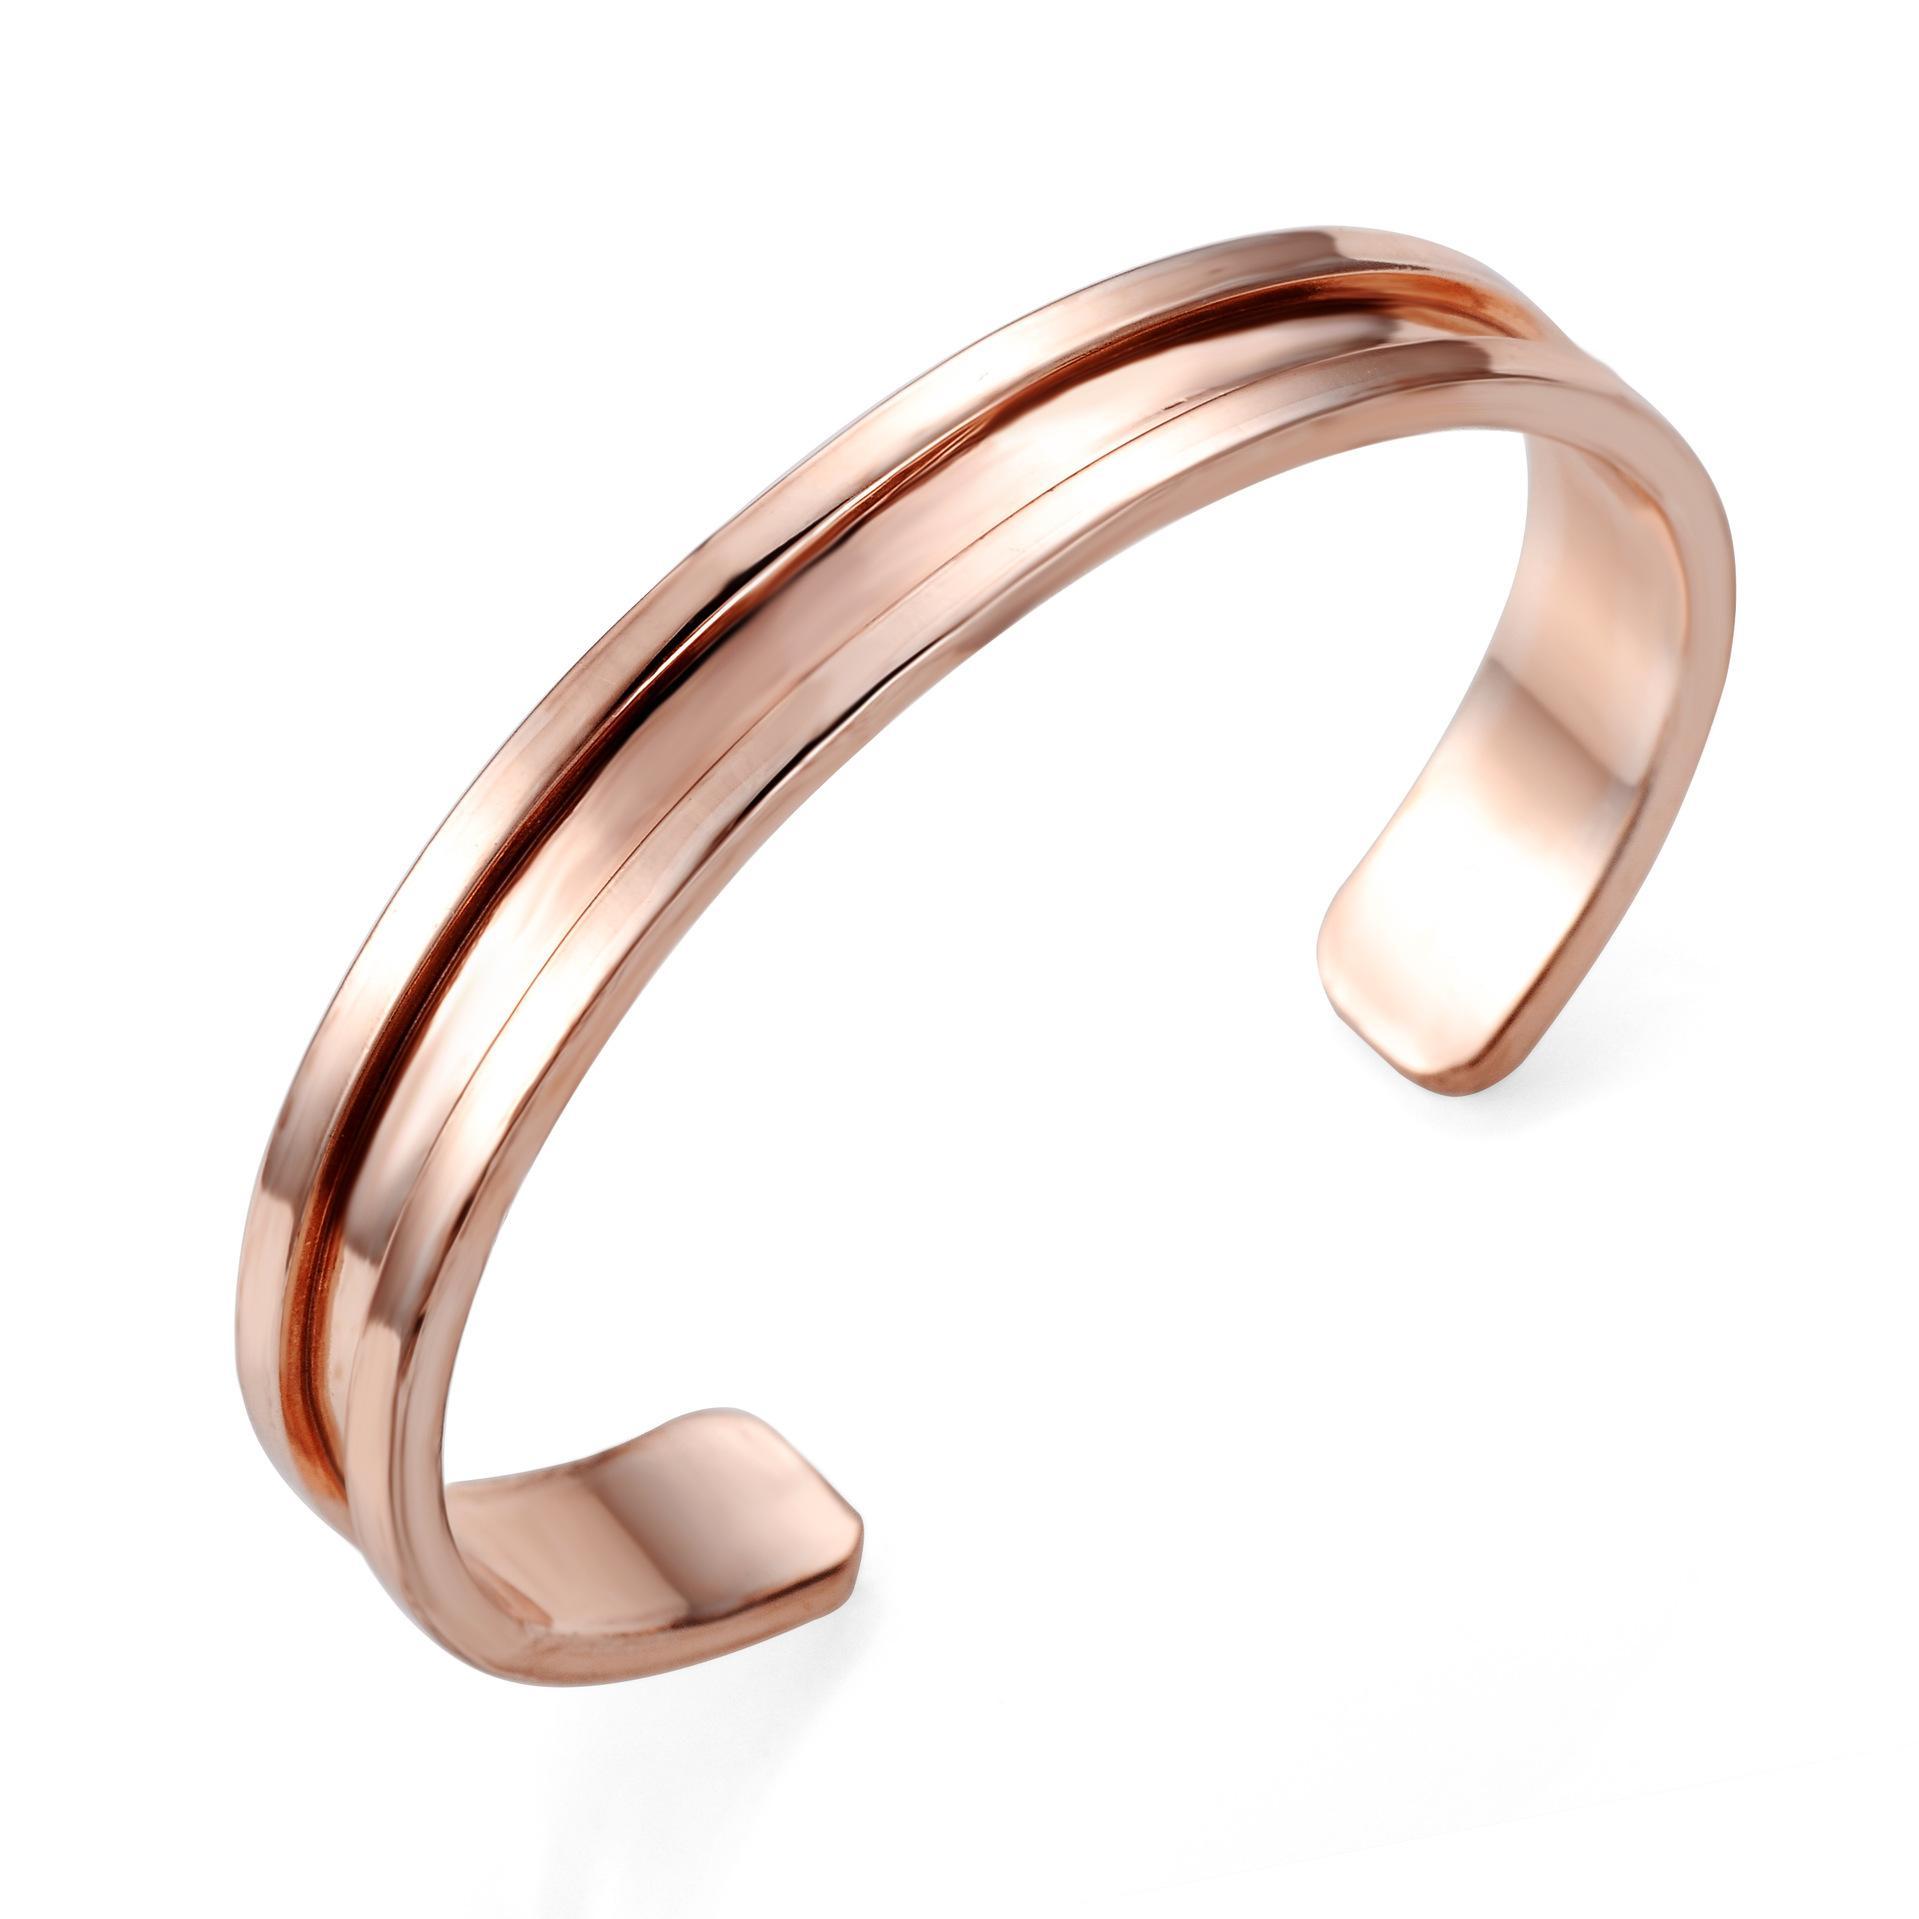 Art und Weise 316L Titanstahlarmbänder Art und Weise Haargummi Armband offen Titan Stahl nette Armbänder für Frauen und Mädchen